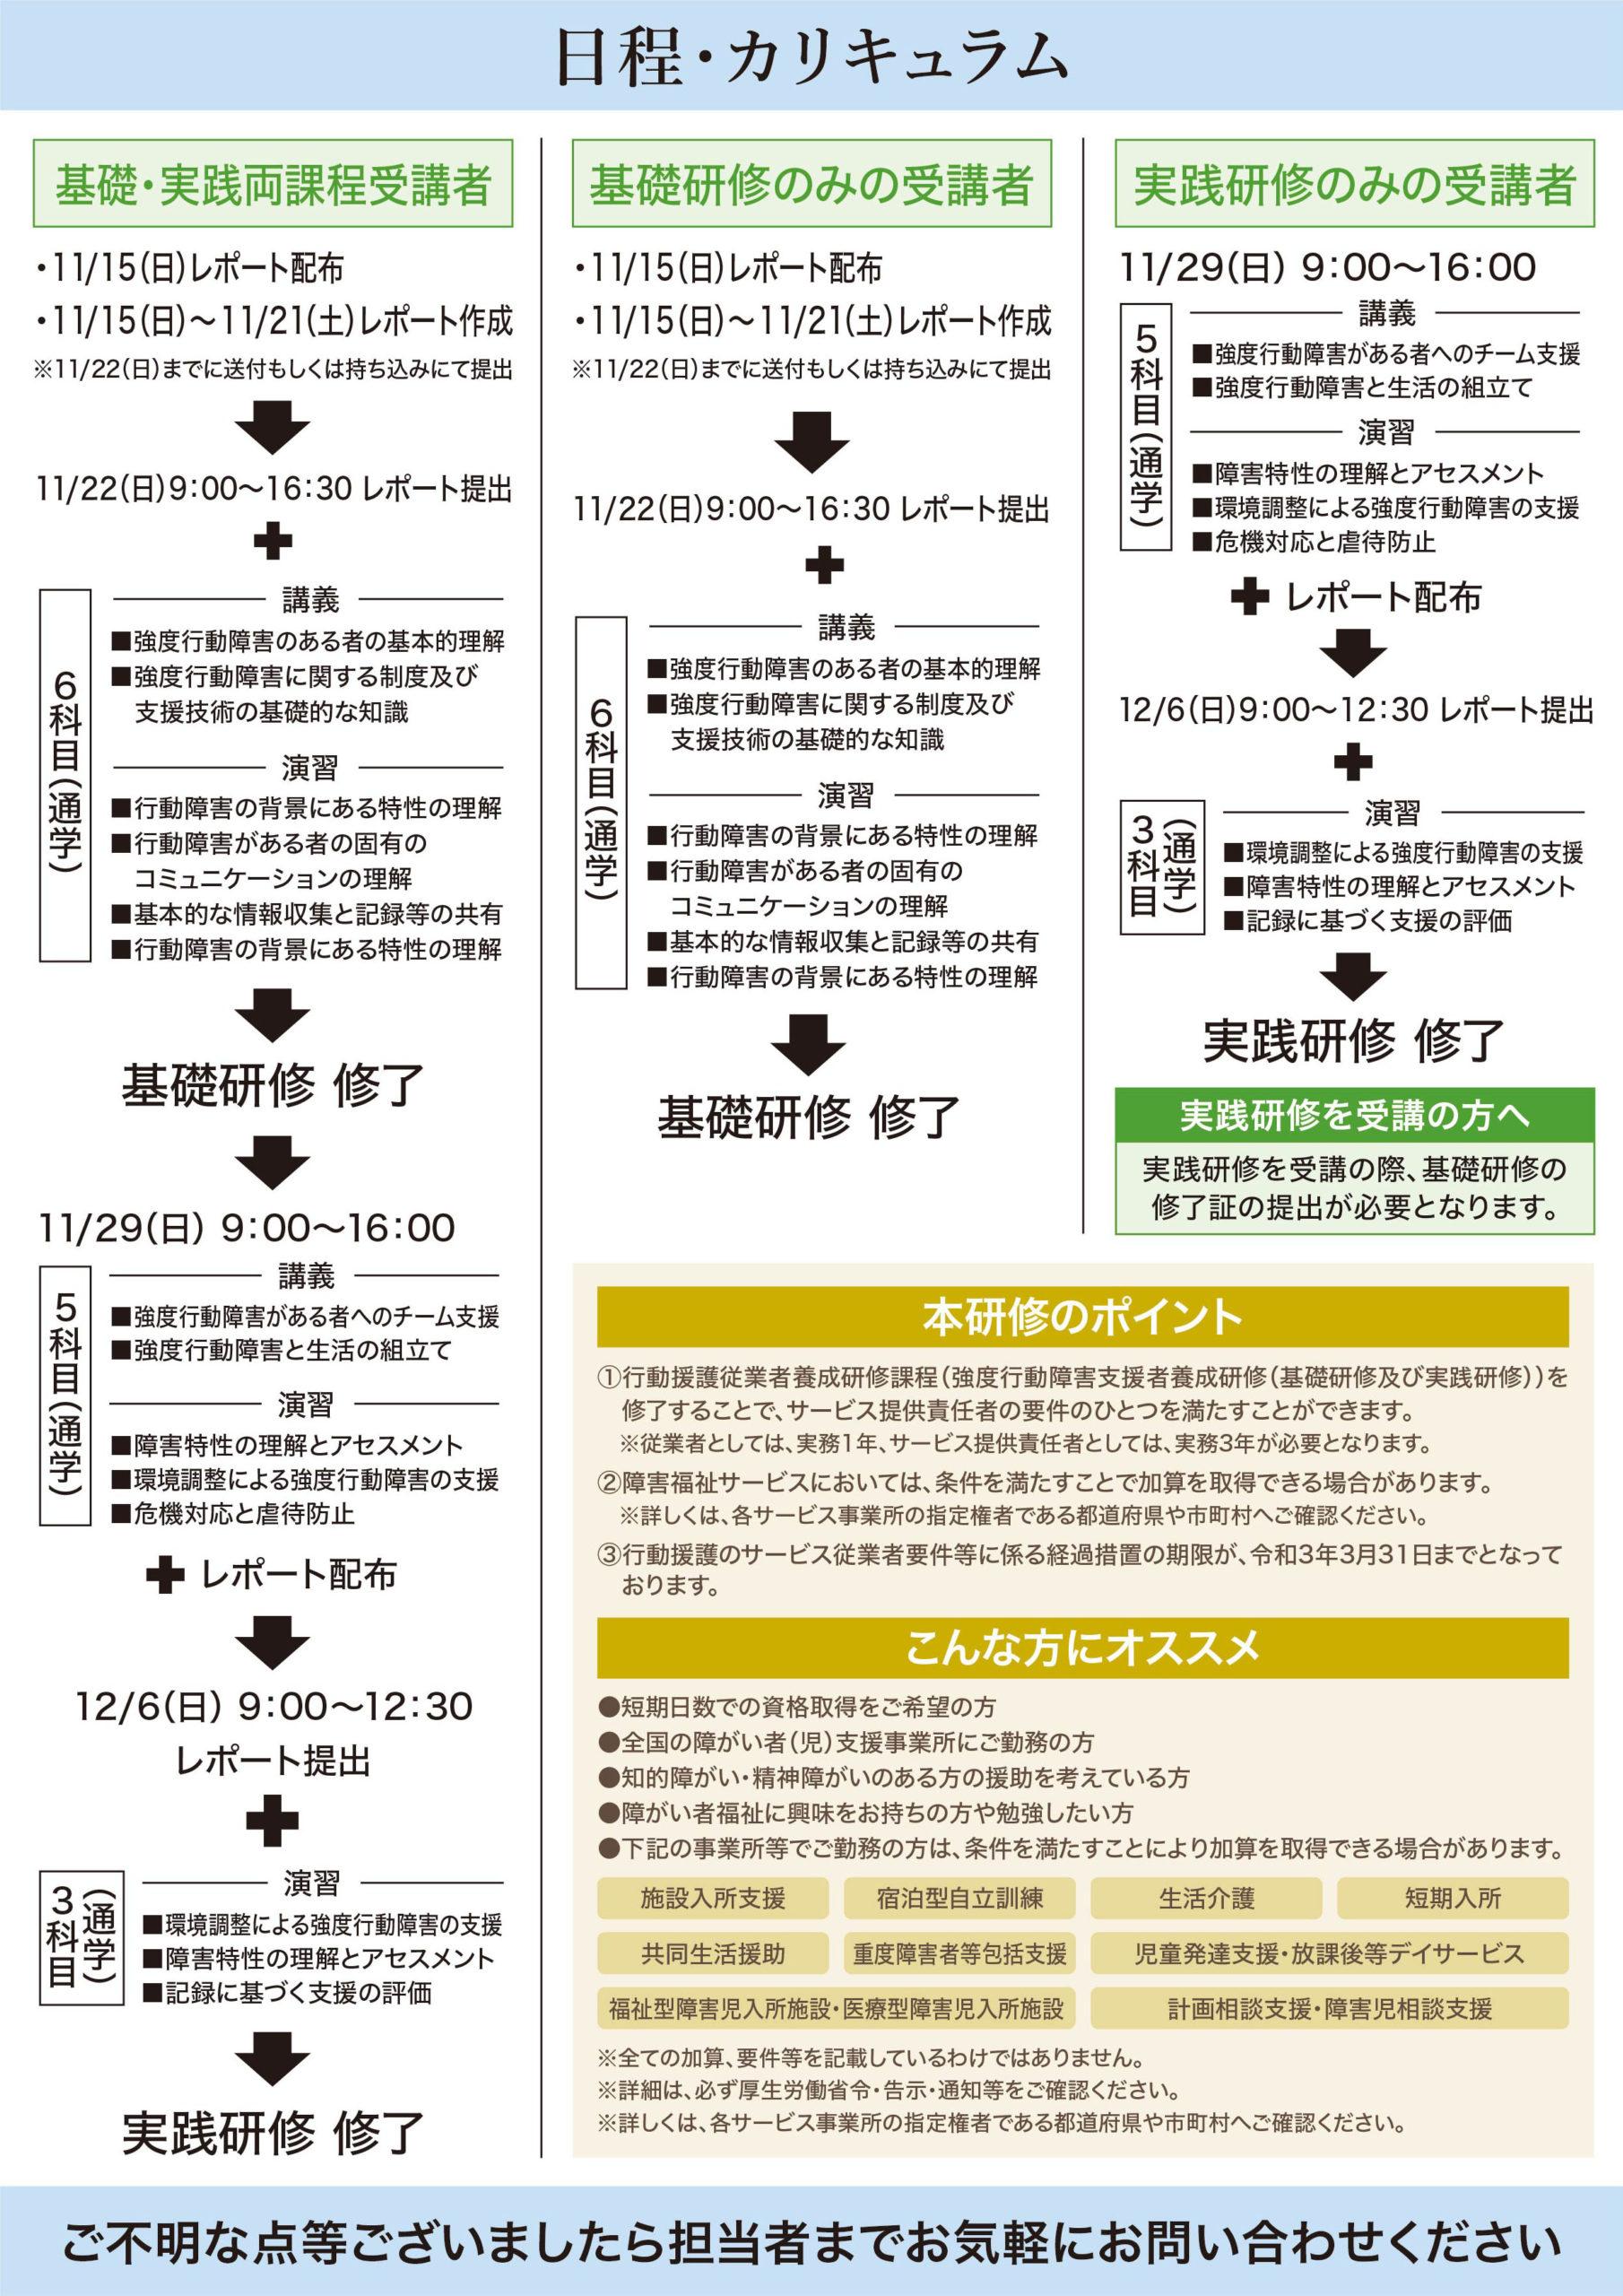 強度研修チラシ(2020-11)新